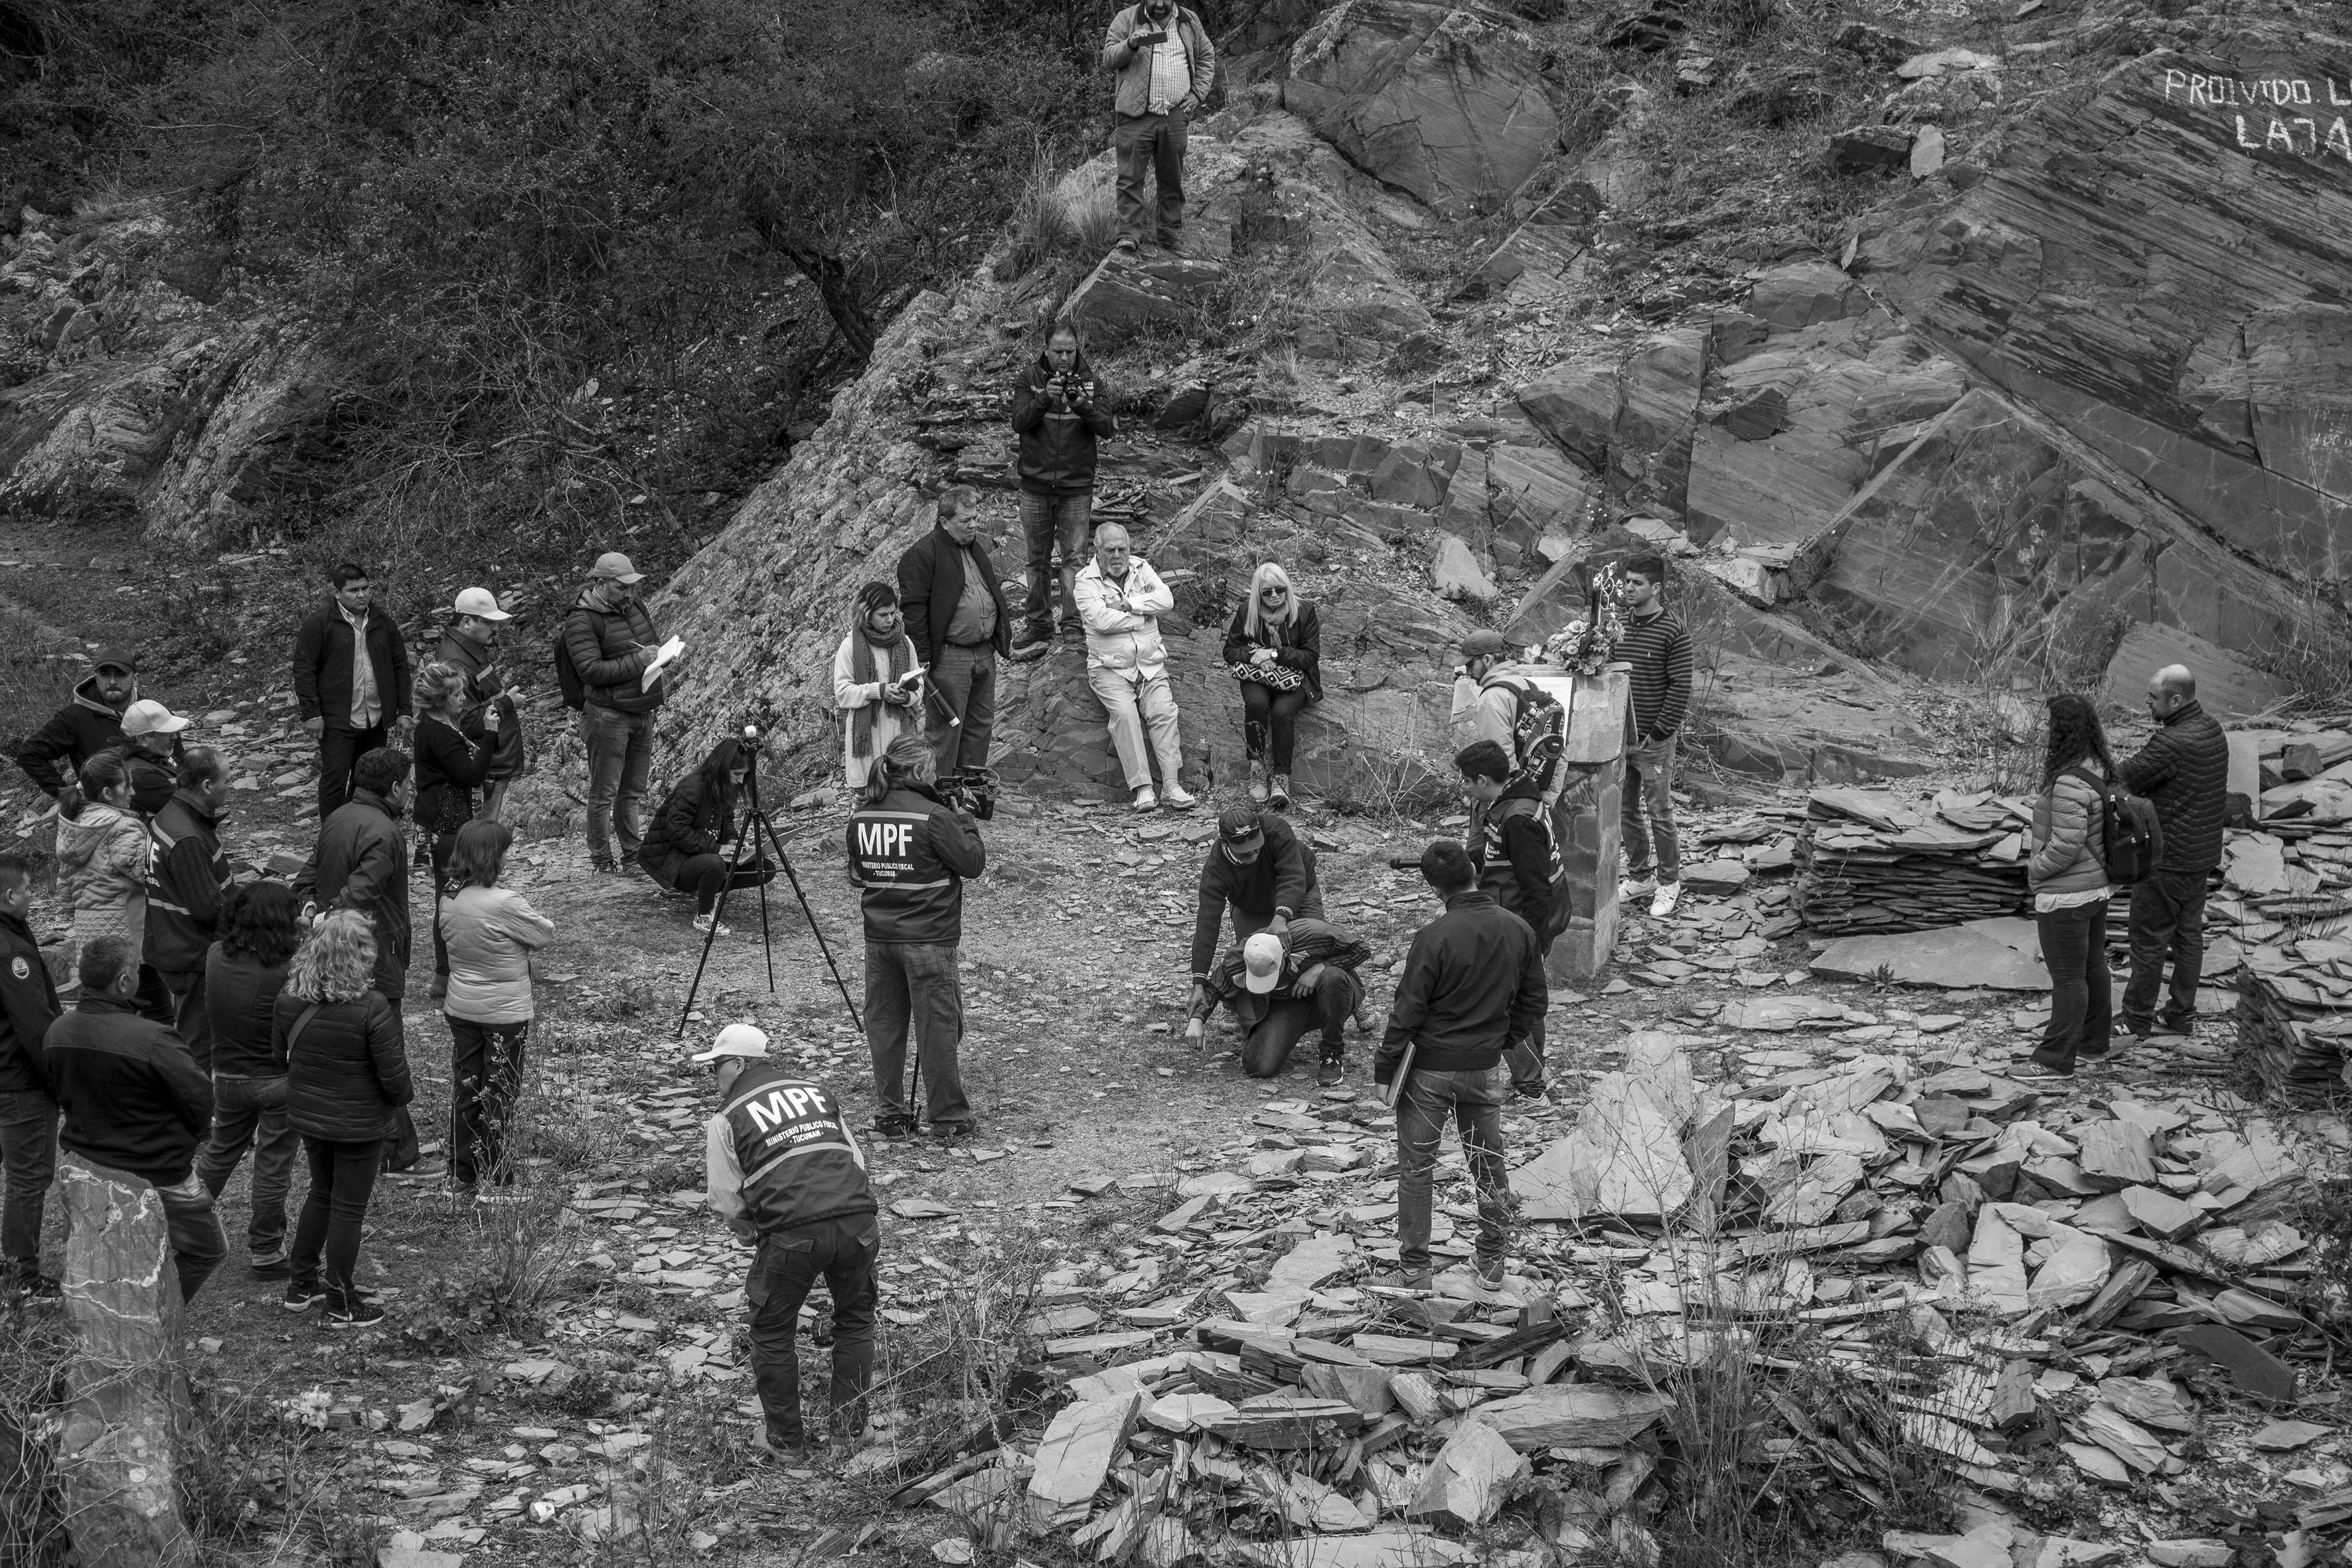 El Chorro, Tucumán, Argentina. Octubre 02/2018. Reconstrucción del asesinato a Javier Chocobar. El testigo Delfín Cata (centro-gorra oscura) da su versión de los hechos.